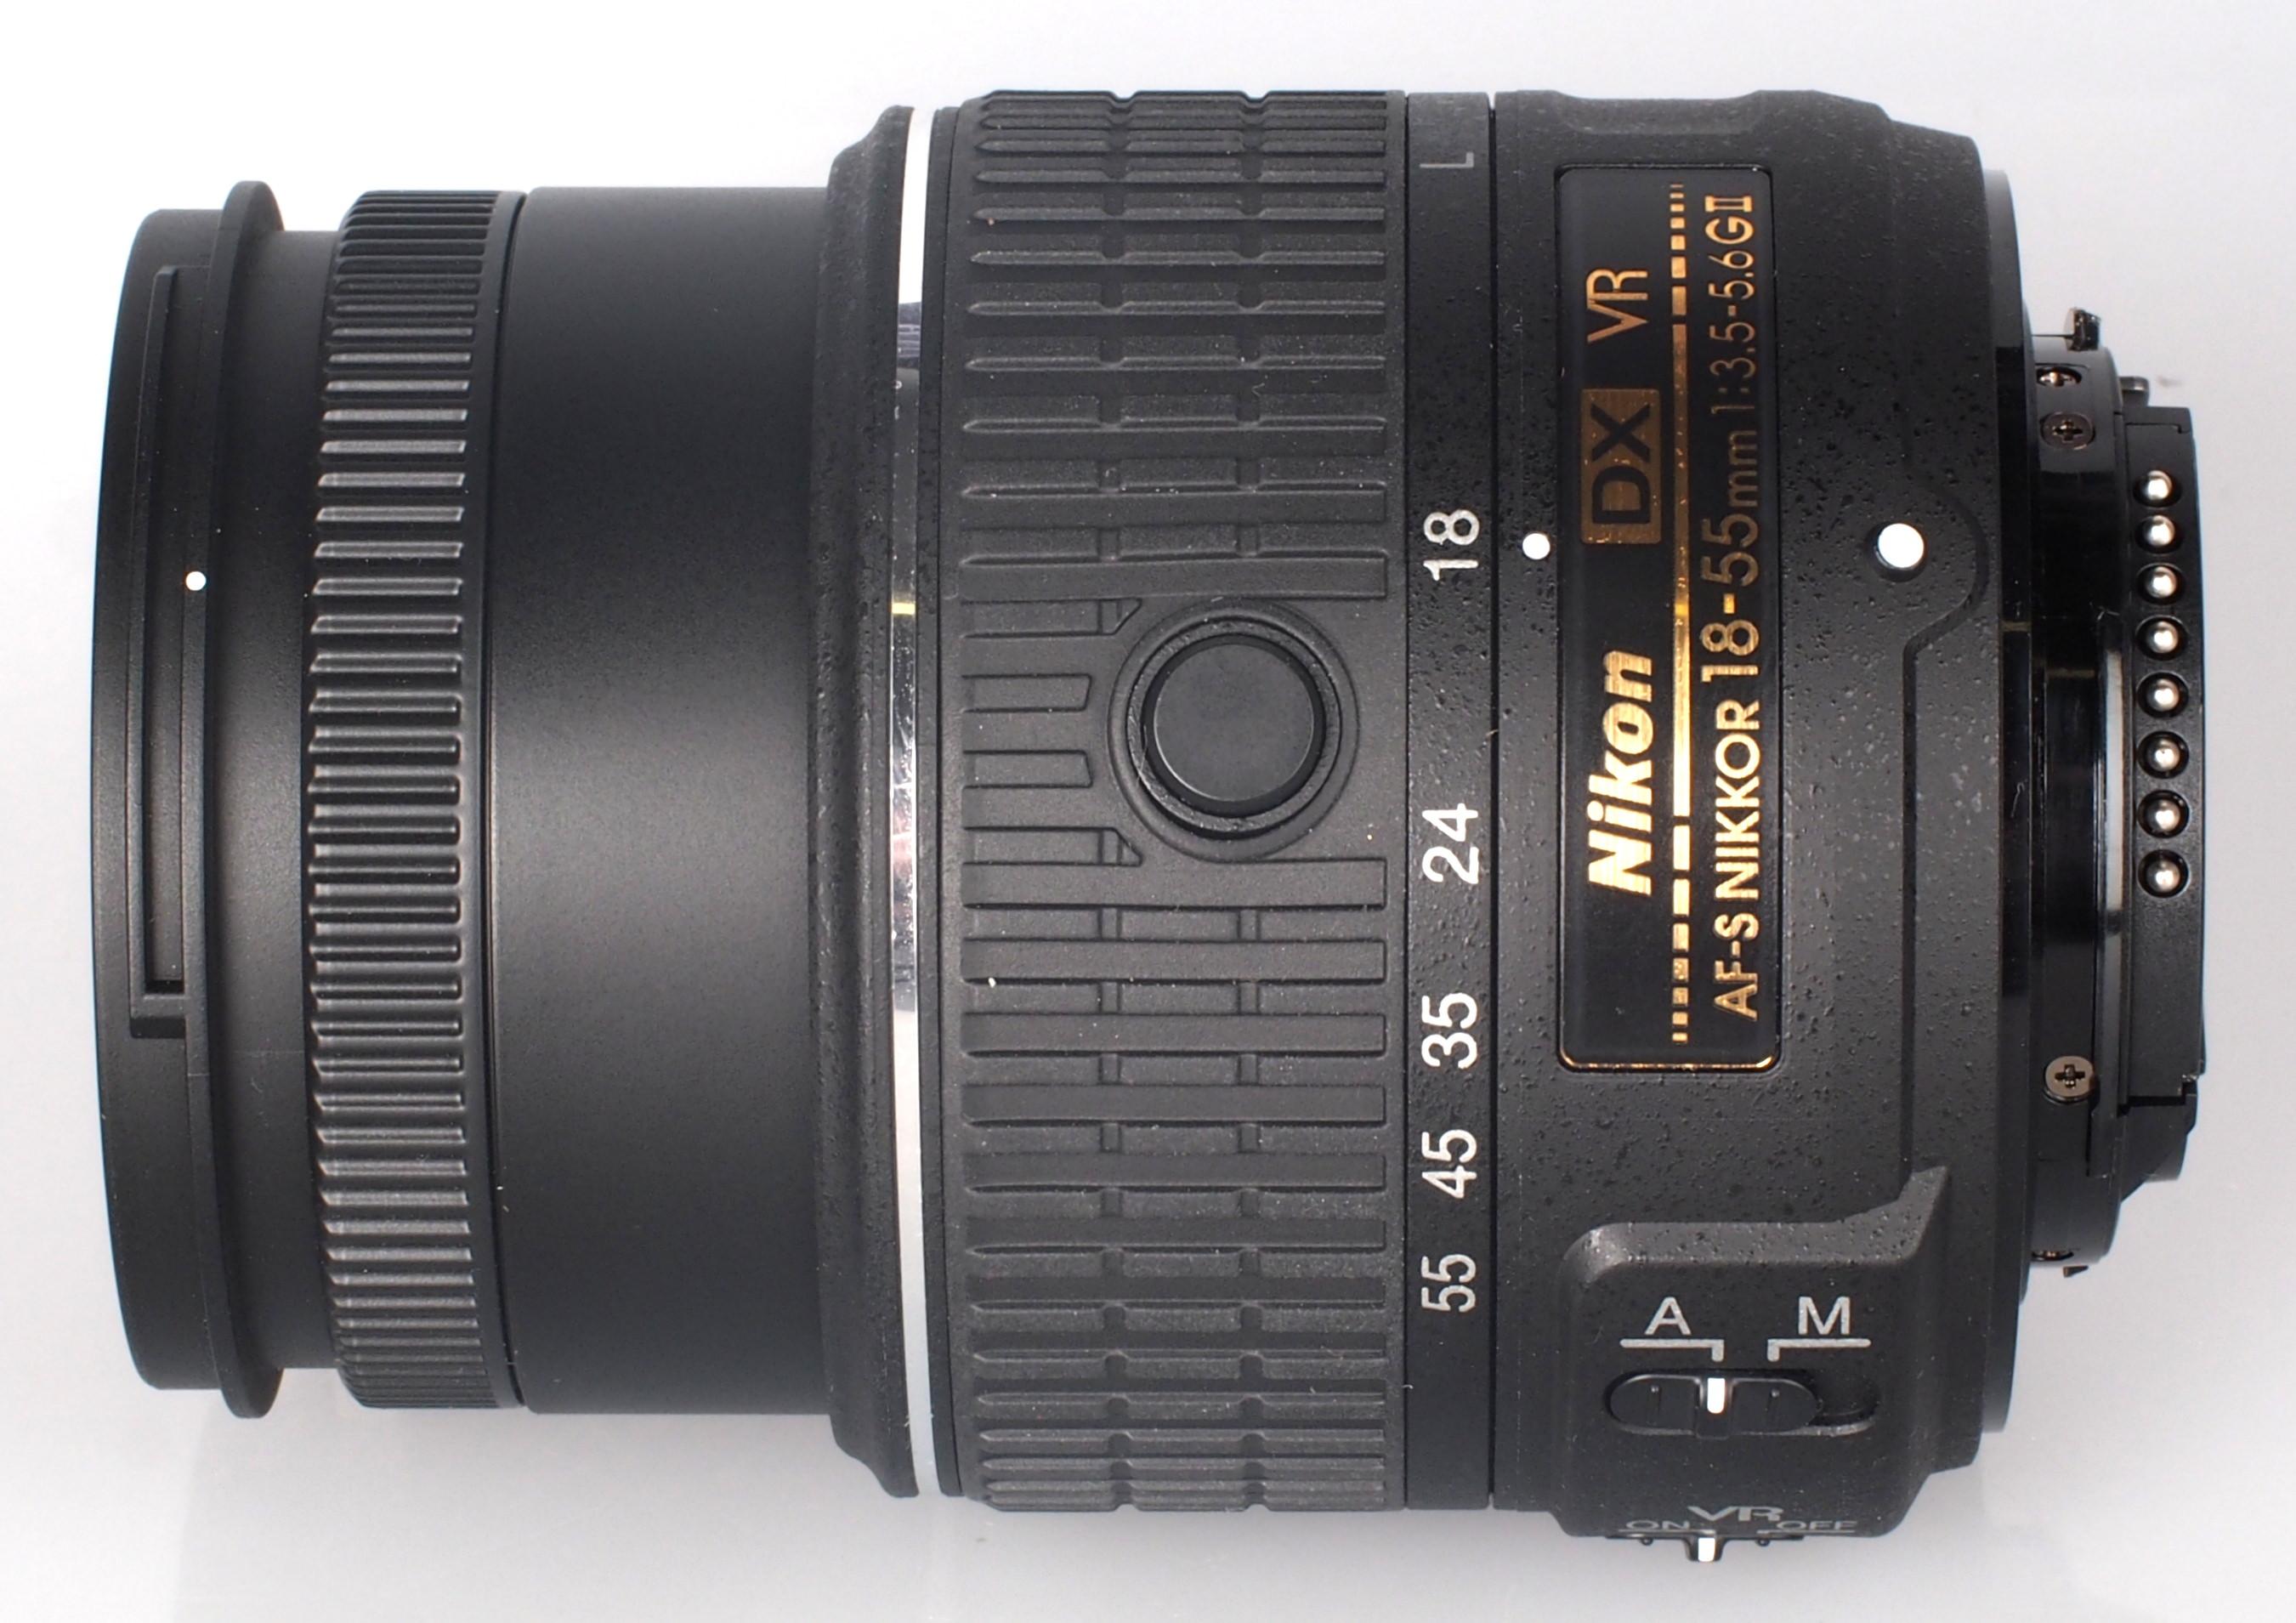 nikon af s dx nikkor 18 55mm f 3 5 5 6g vr ii lens review rh ephotozine com Optical Image Stabilization Scapular Stabilization Exercises